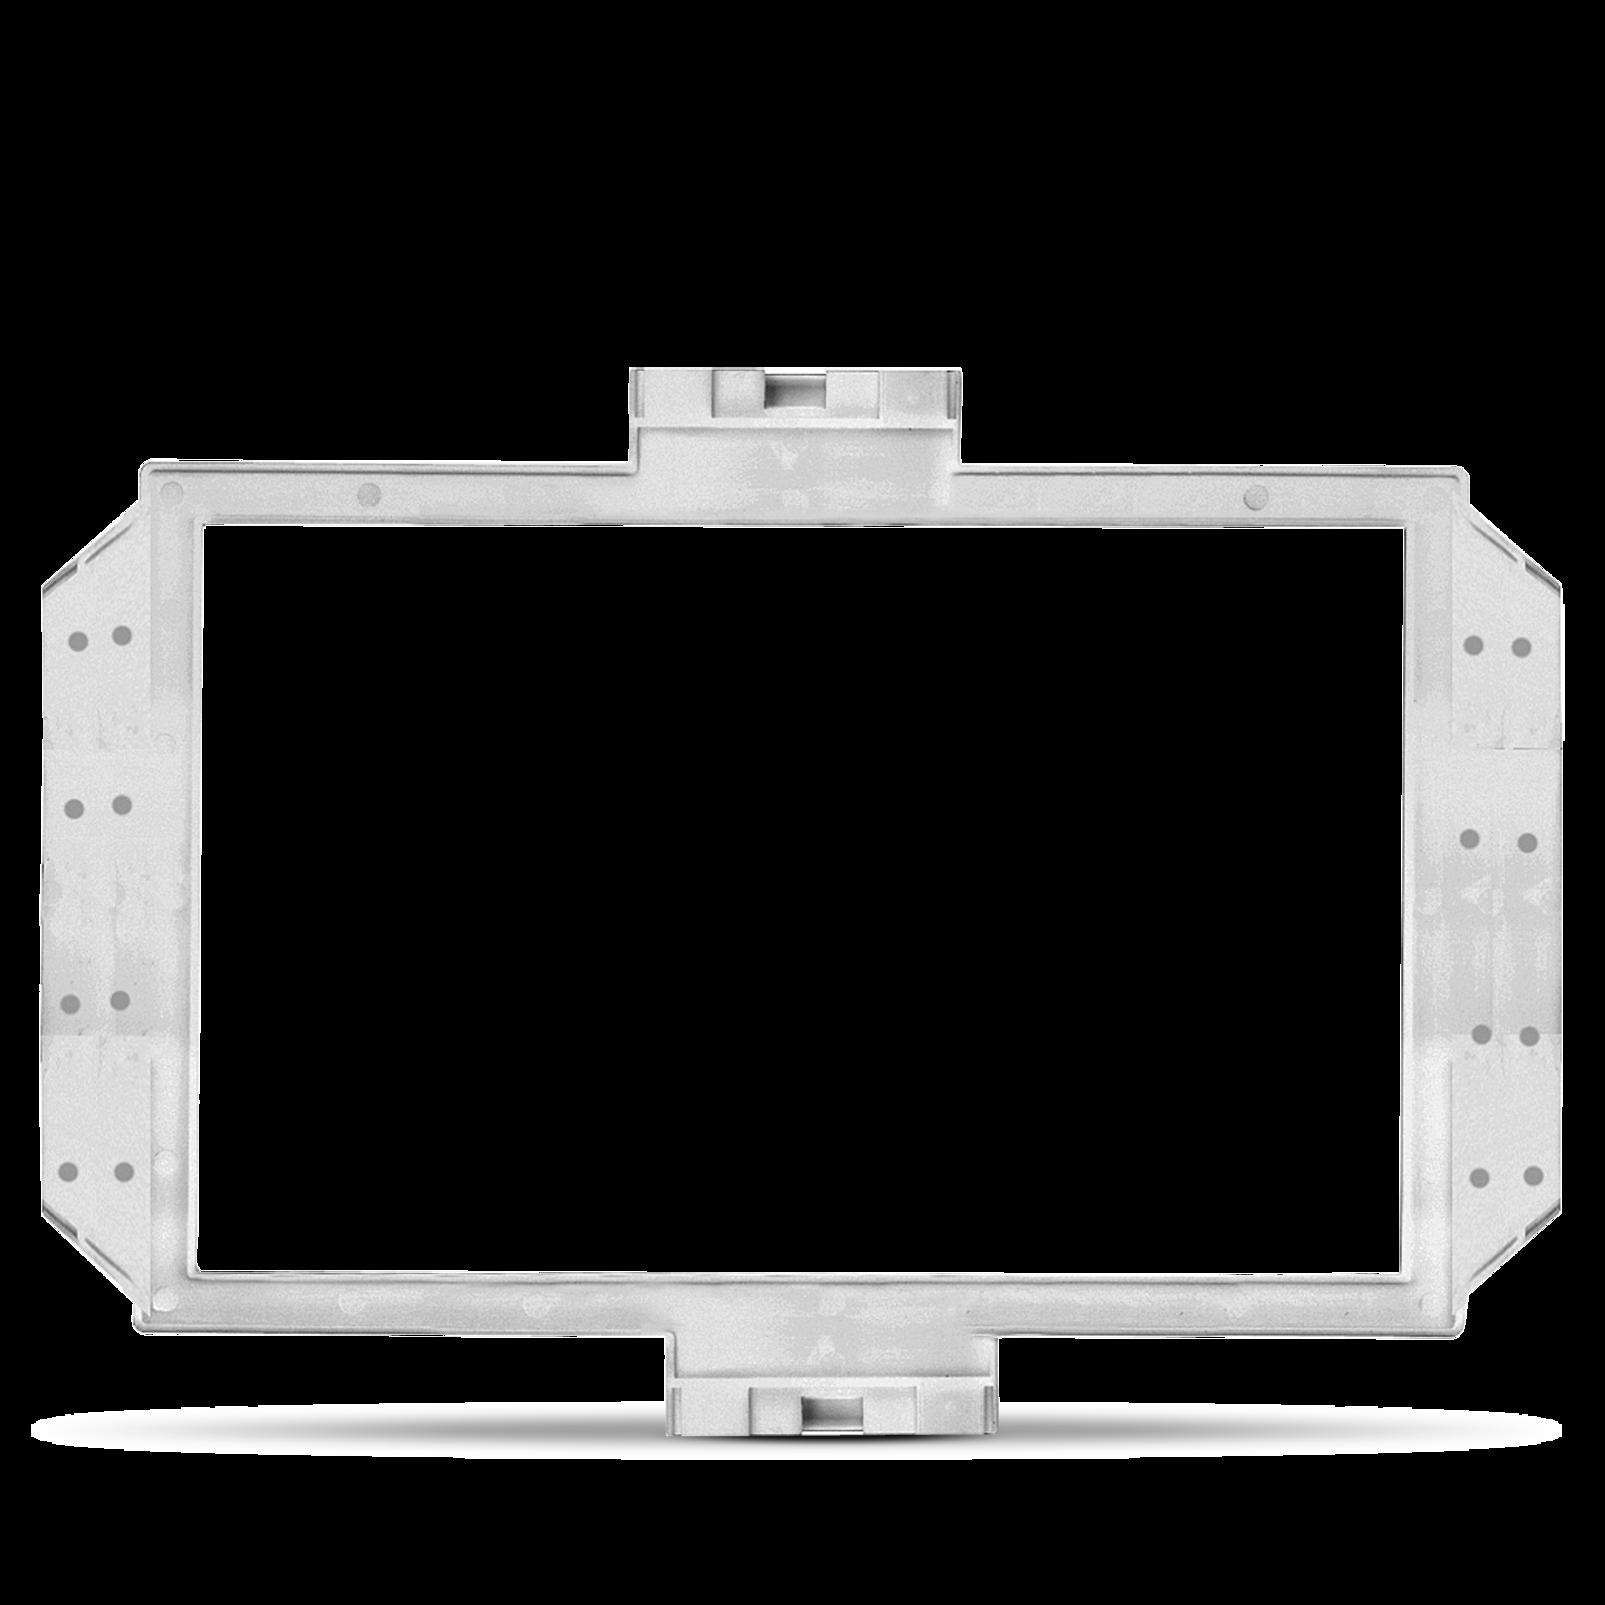 RIF55 - White - In-Wall Speaker Frames for JBL HTI55 Speakers - Hero